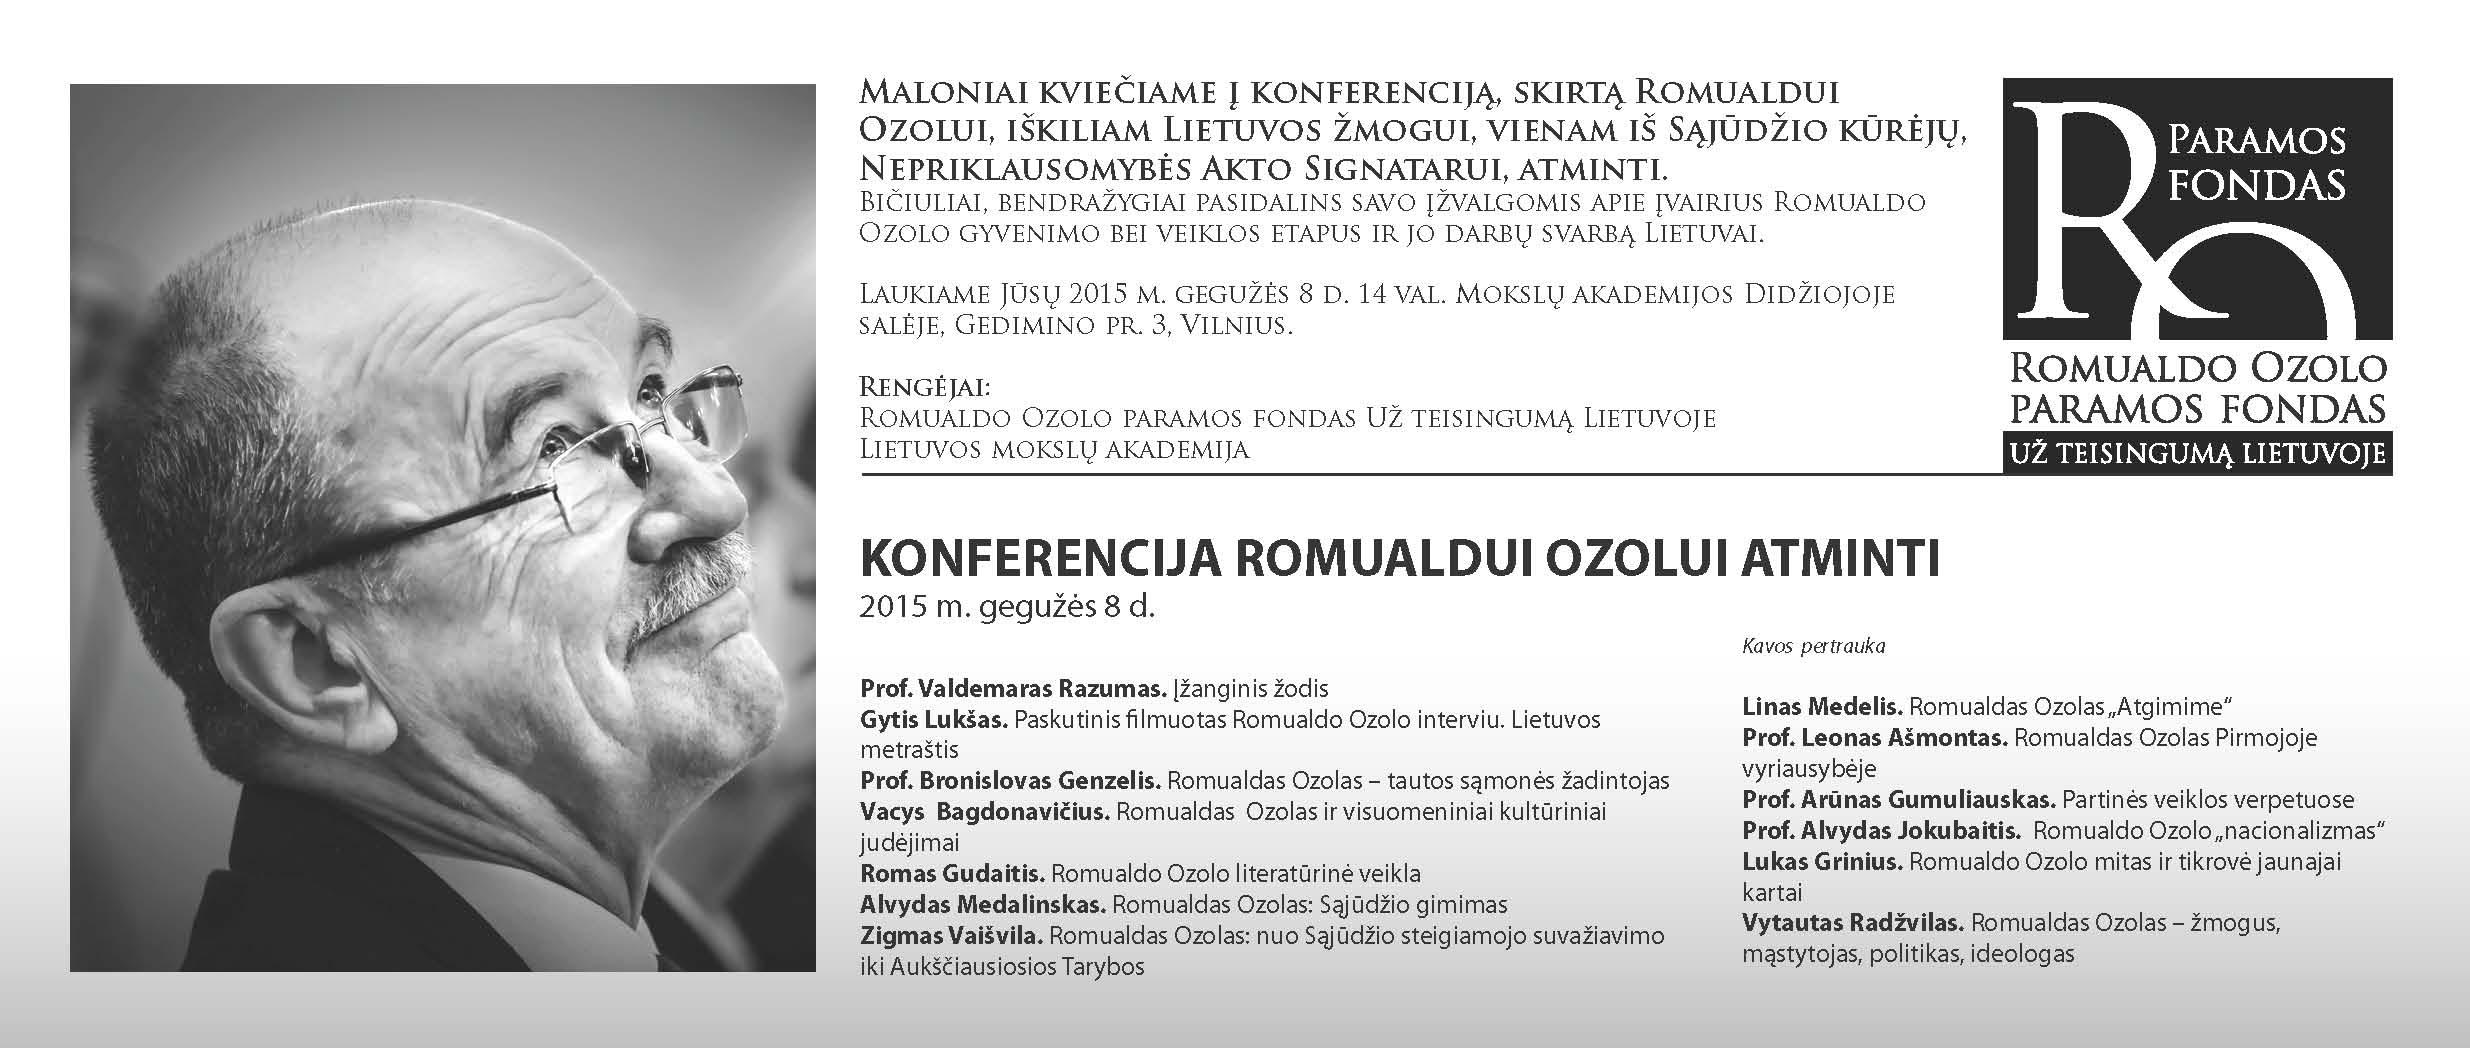 Konferencija, skirta Romualdui Ozolui atminti. KVIETIMAS(1)